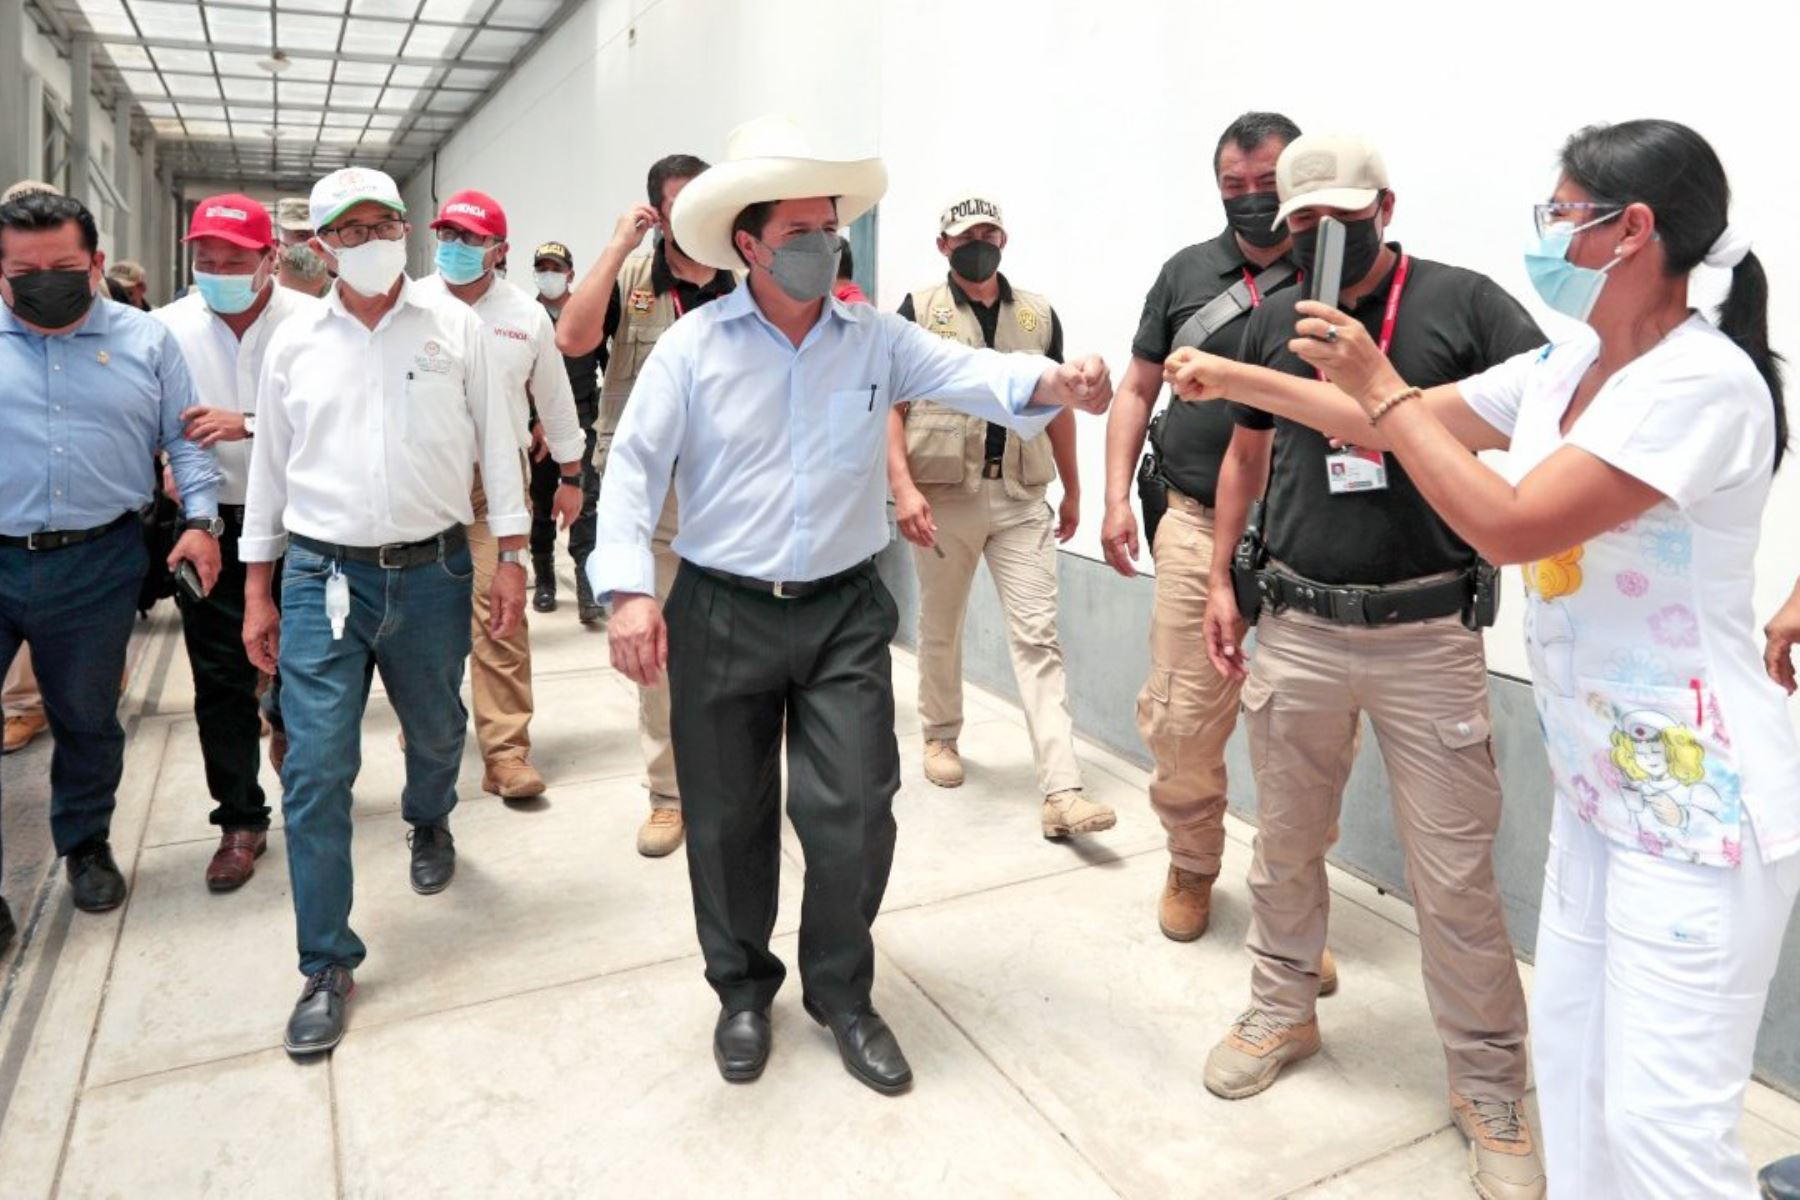 Presidente Pedro Castillo, junto con el gobernador Pedro Bogarín, inaugura la tercera planta de oxígeno del Hospital de Tarapoto, en beneficio de la población. Foto: ANDINA/ Prensa Presidencia